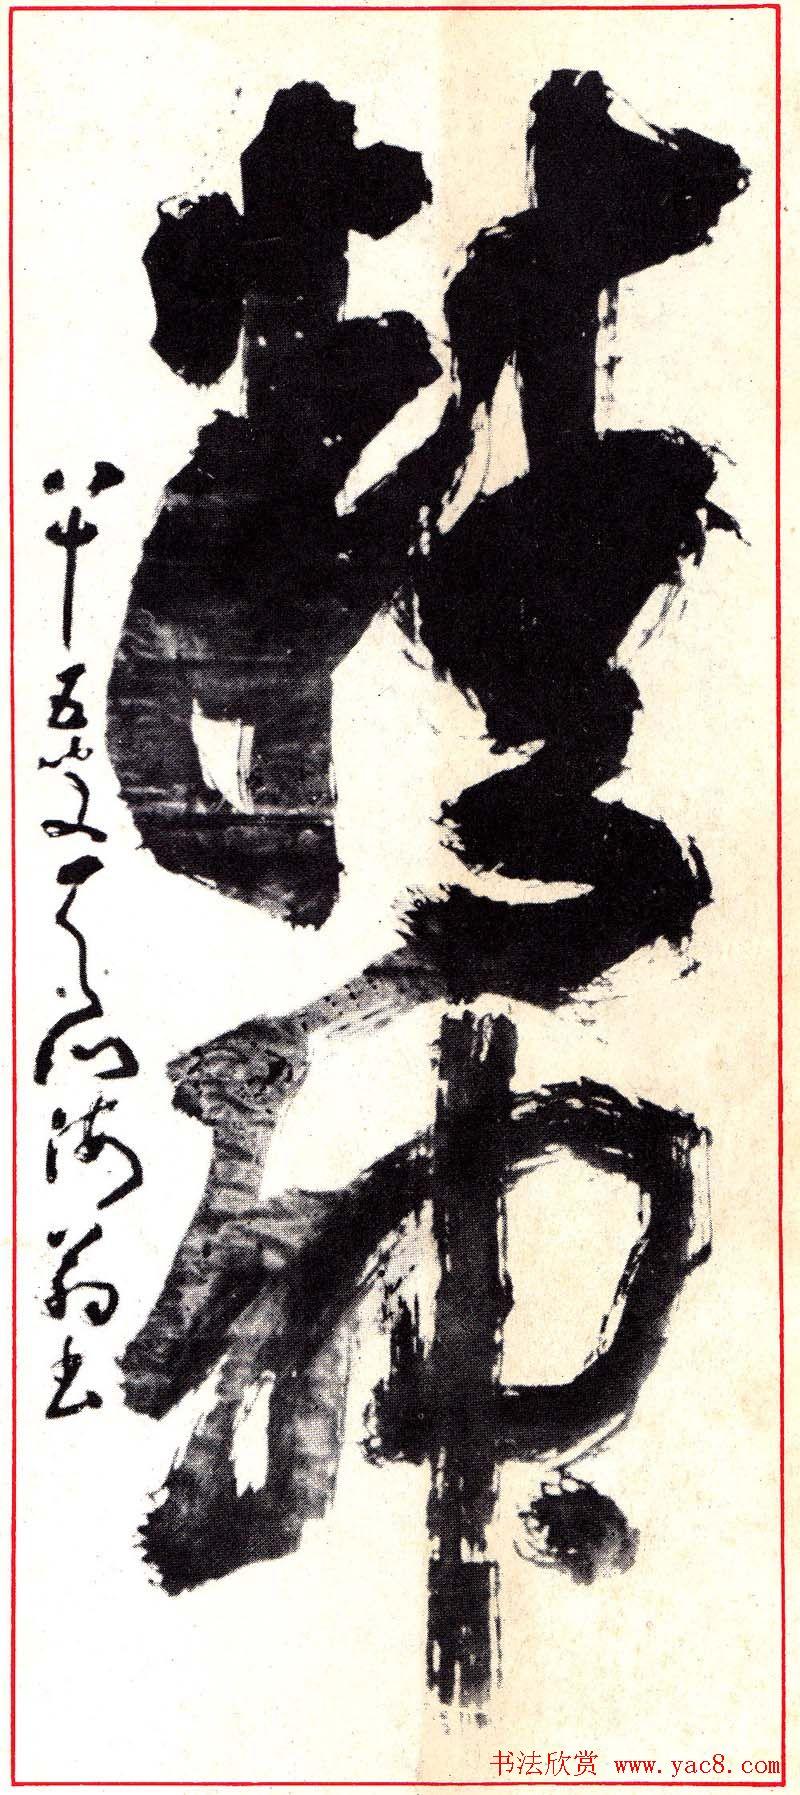 日本丰道春海书法作品欣赏